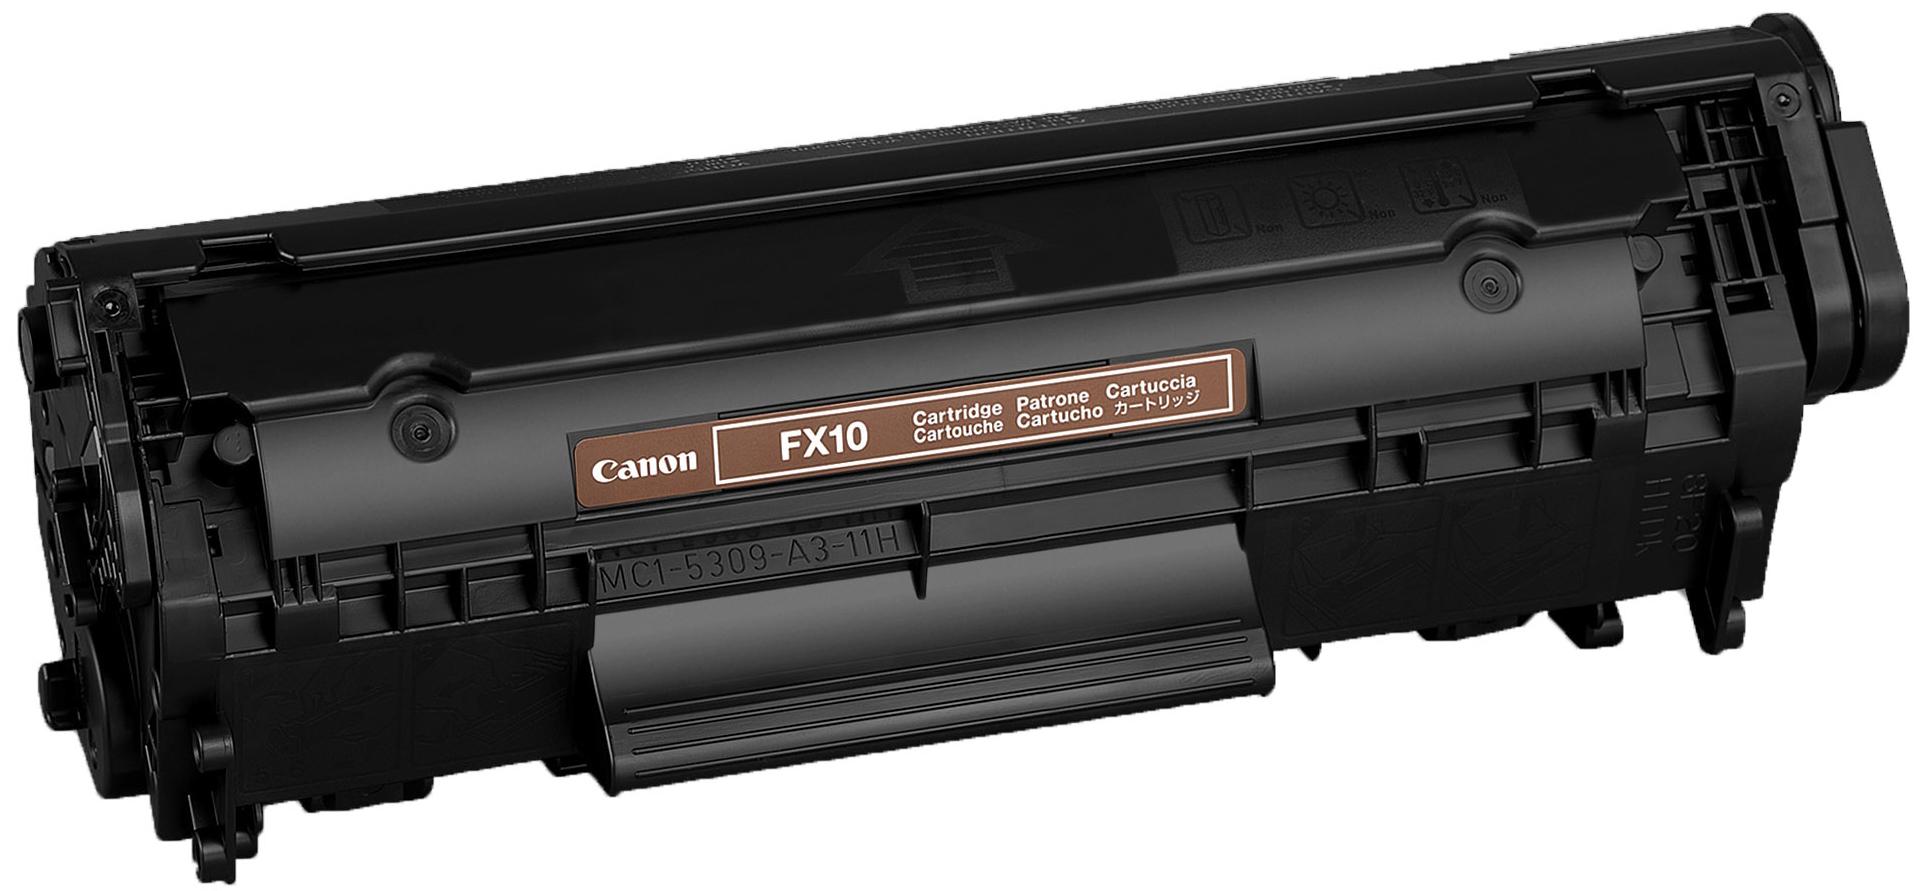 Canon FX-10 - картридж для факсов Canon i-SENSYS MF4000/FAX-L95/L100/L120/L140/L160 (Black)Картриджи и тонеры<br>Картридж<br>